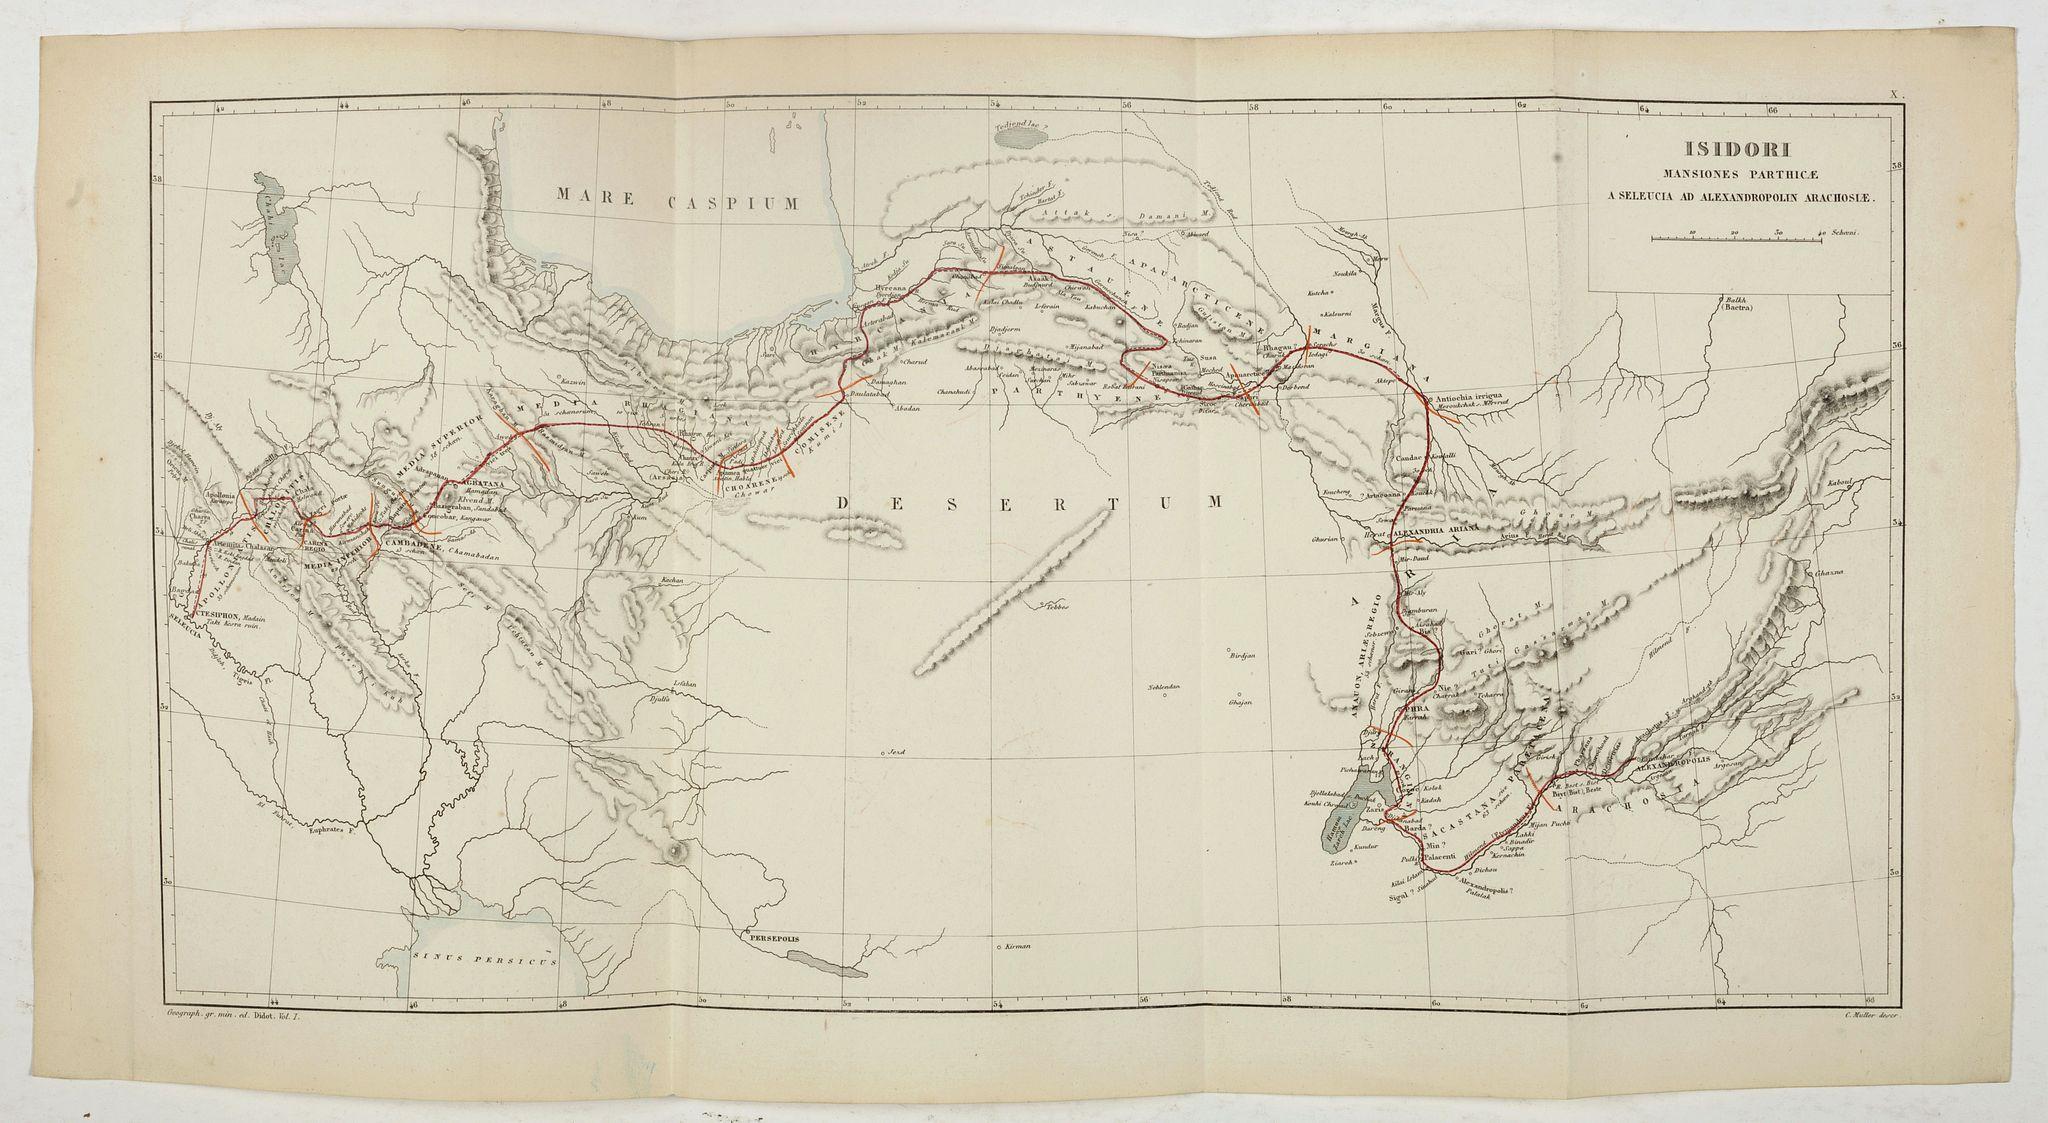 MULLER, K. W. L. -  Issidori mansiones parthicae a seleucia ad Alexandropolin archosiae.